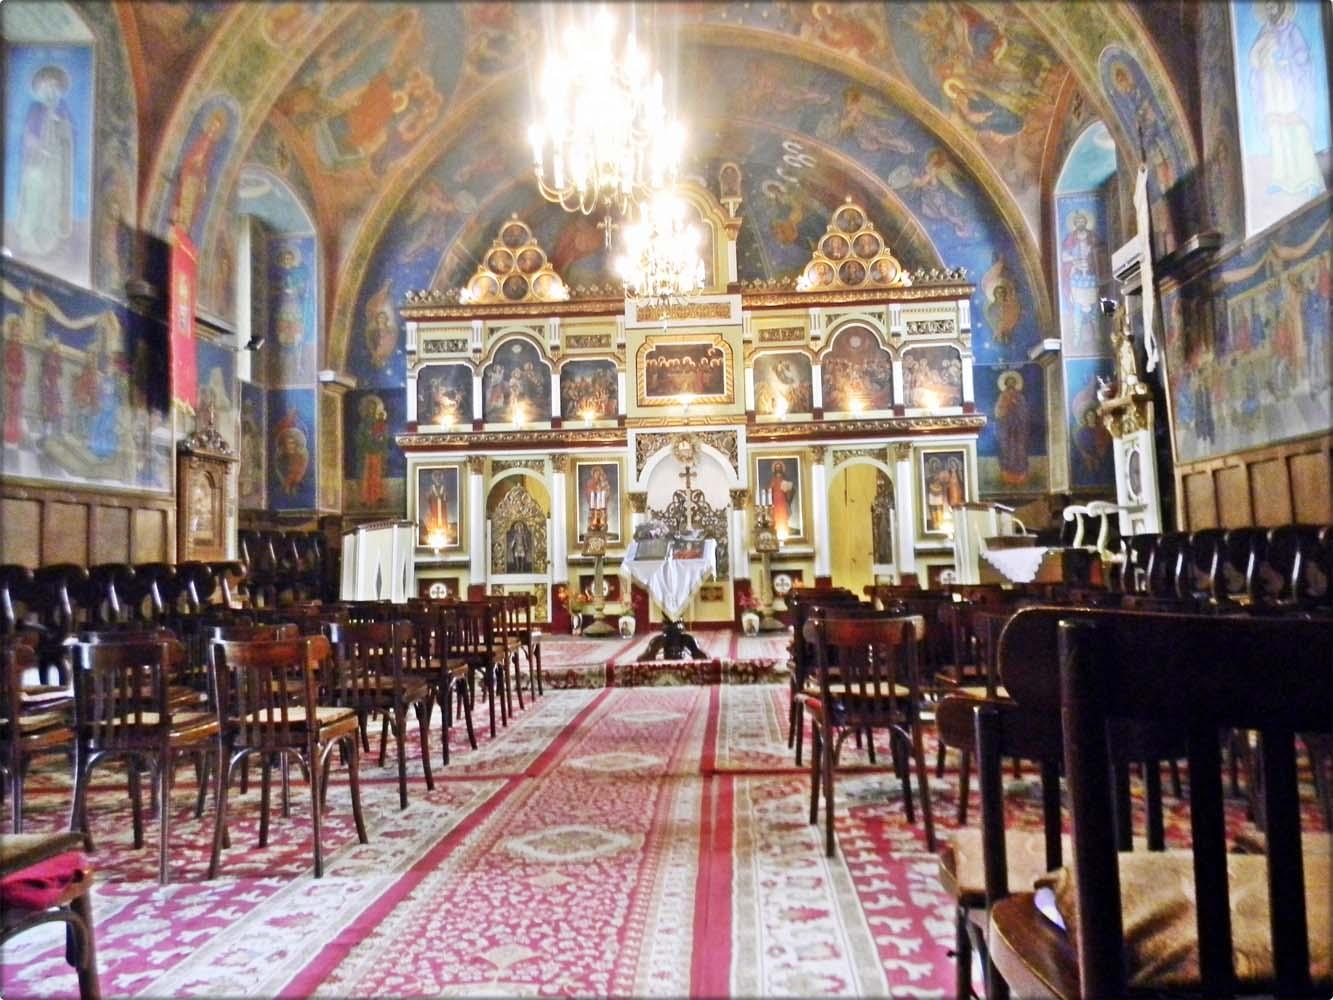 Interiorul Bisericii-Vedere centrala